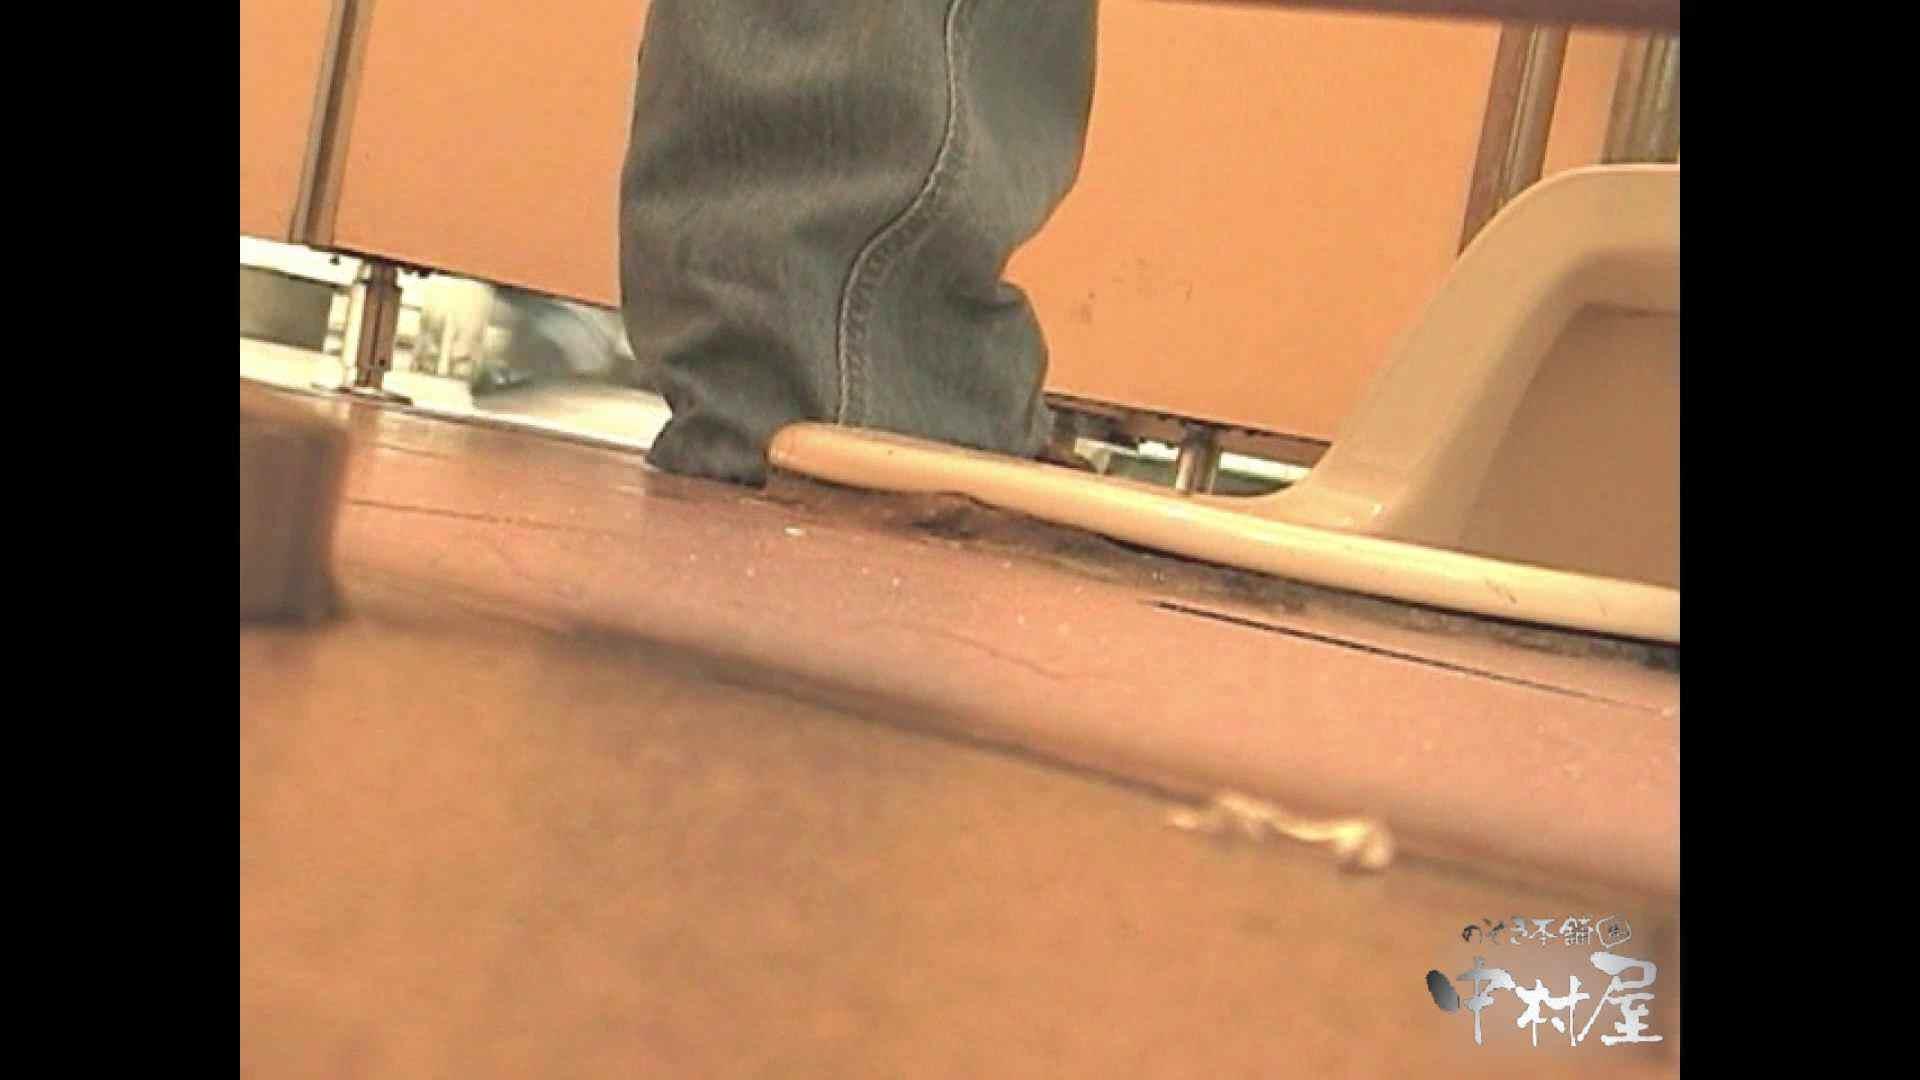 岩手県在住盗撮師盗撮記録vol.01 厠隠し撮り おまんこ動画流出 98pic 61